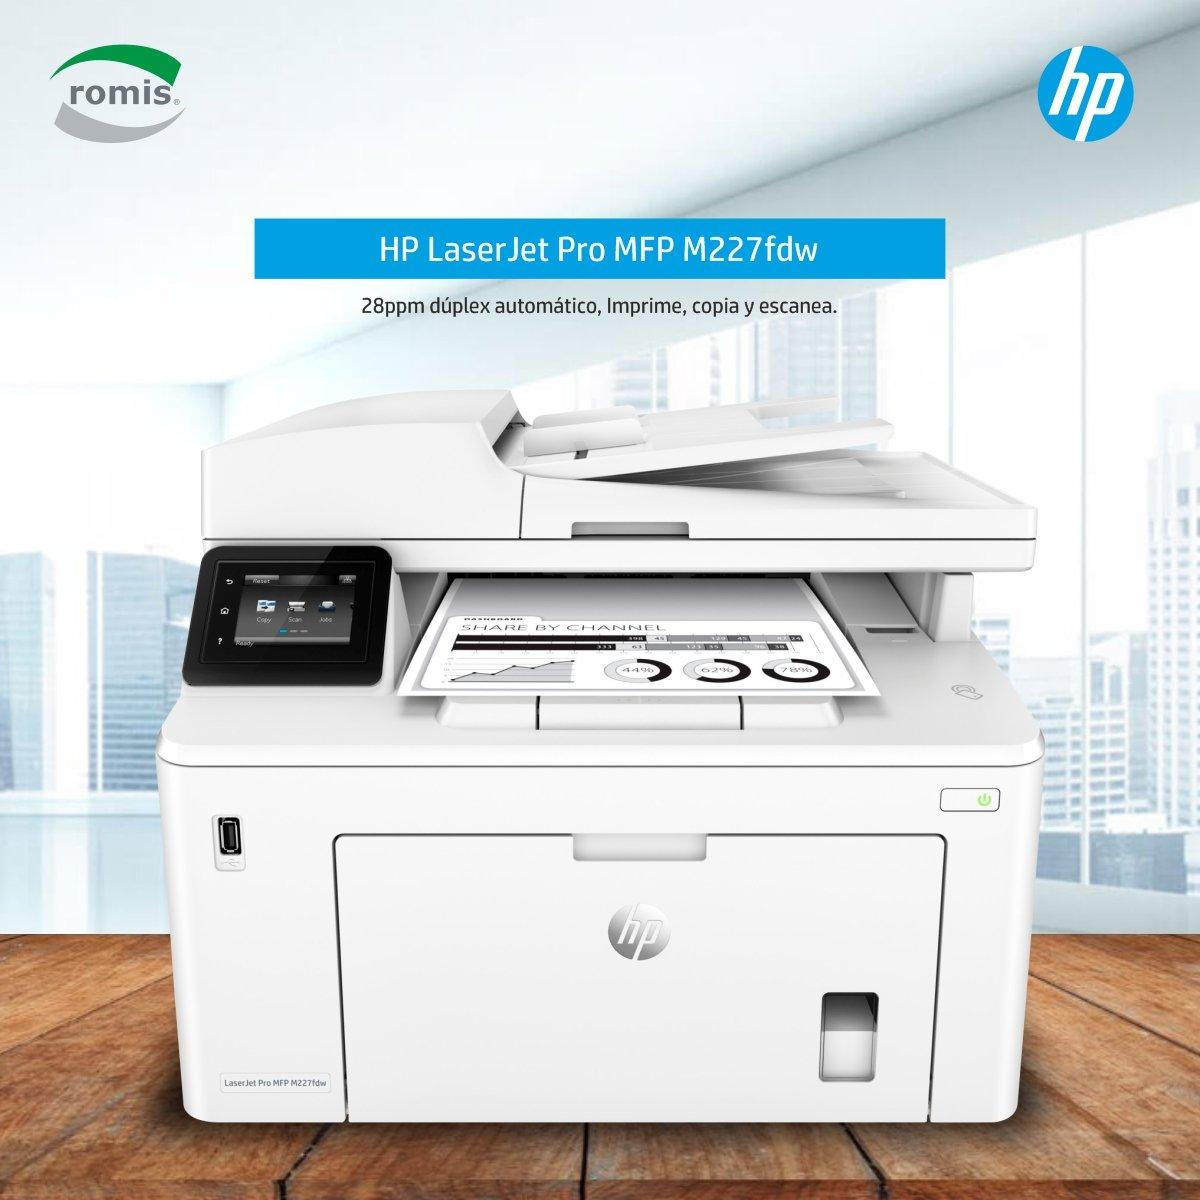 HP Multifunción LaserJet Pro M227fdw. Ideal para pequeñas oficinas que requieren un equipo versátil y robusto para sus necesidades de impresión monocromáticas. Con un ciclo de trabajo mensual de hasta 30.000 páginas. https://t.co/mAnIDFjsAU https://t.co/q9gaFYKIUC